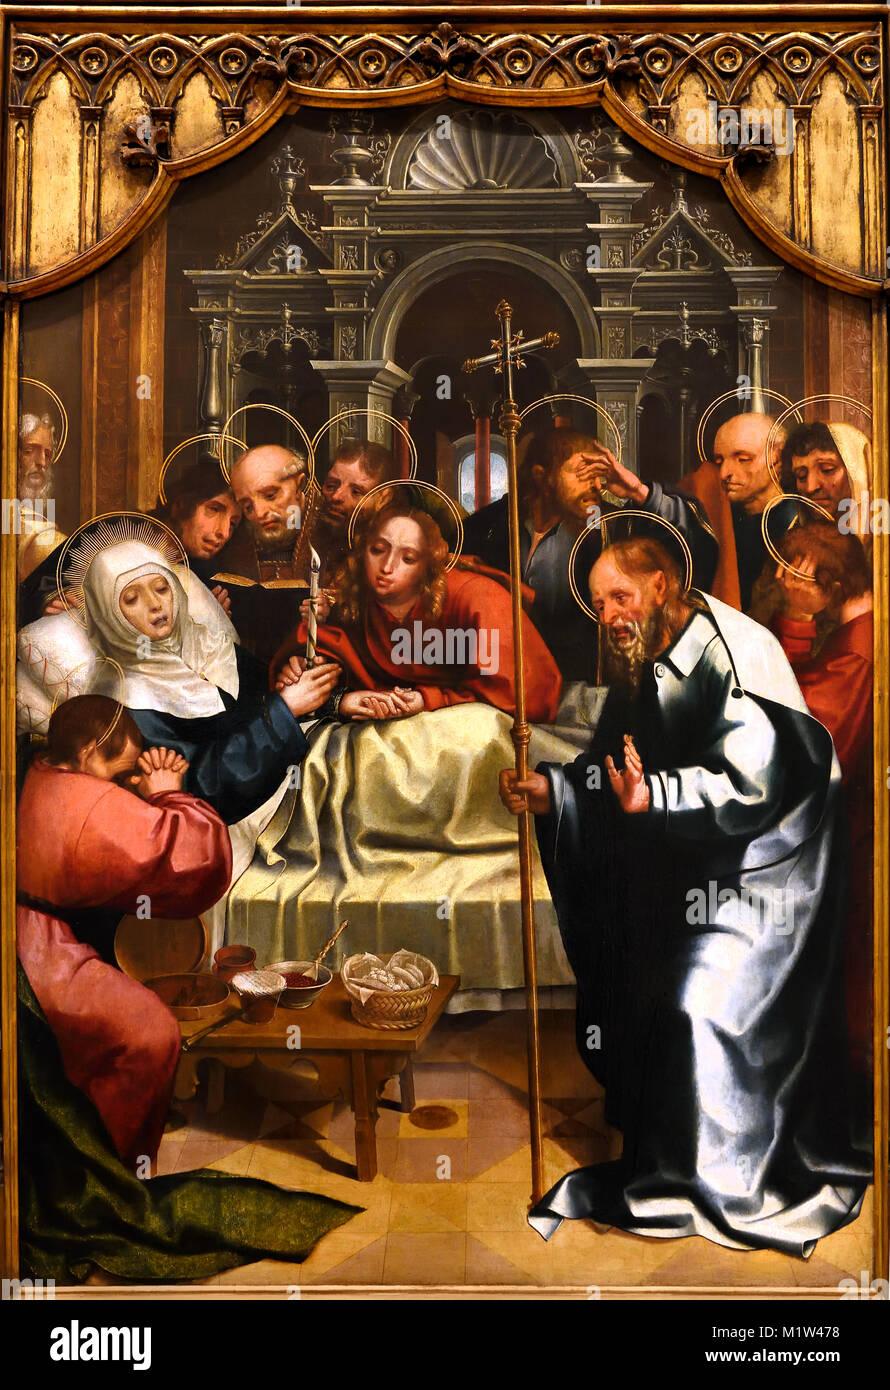 Dormición de la Virgen -Retablo de Paraiso 1523 Gregório Lopes (1490-1550) 16th-century de Portugal, portugués Imagen De Stock